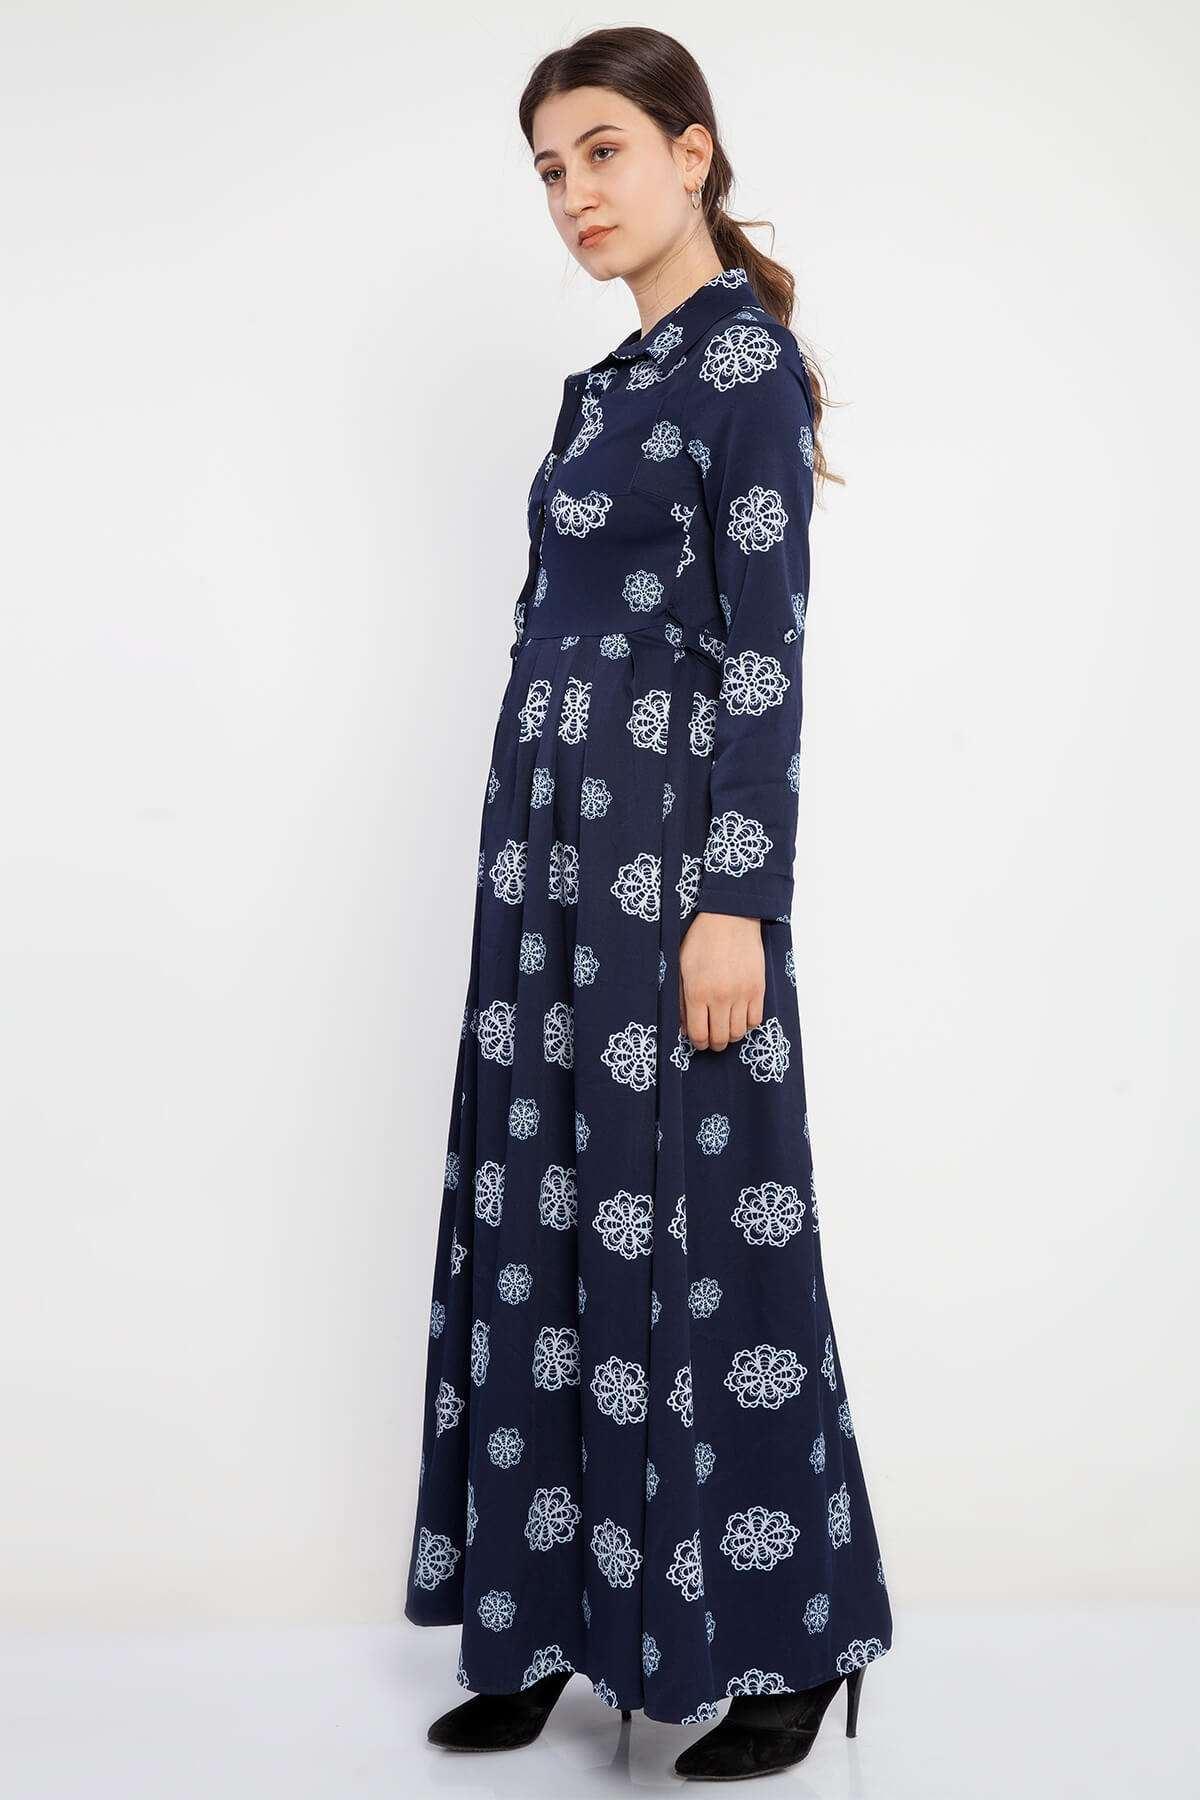 Pliseli Ağ Desenli Cep Detaylı Uzun Elbise Laci